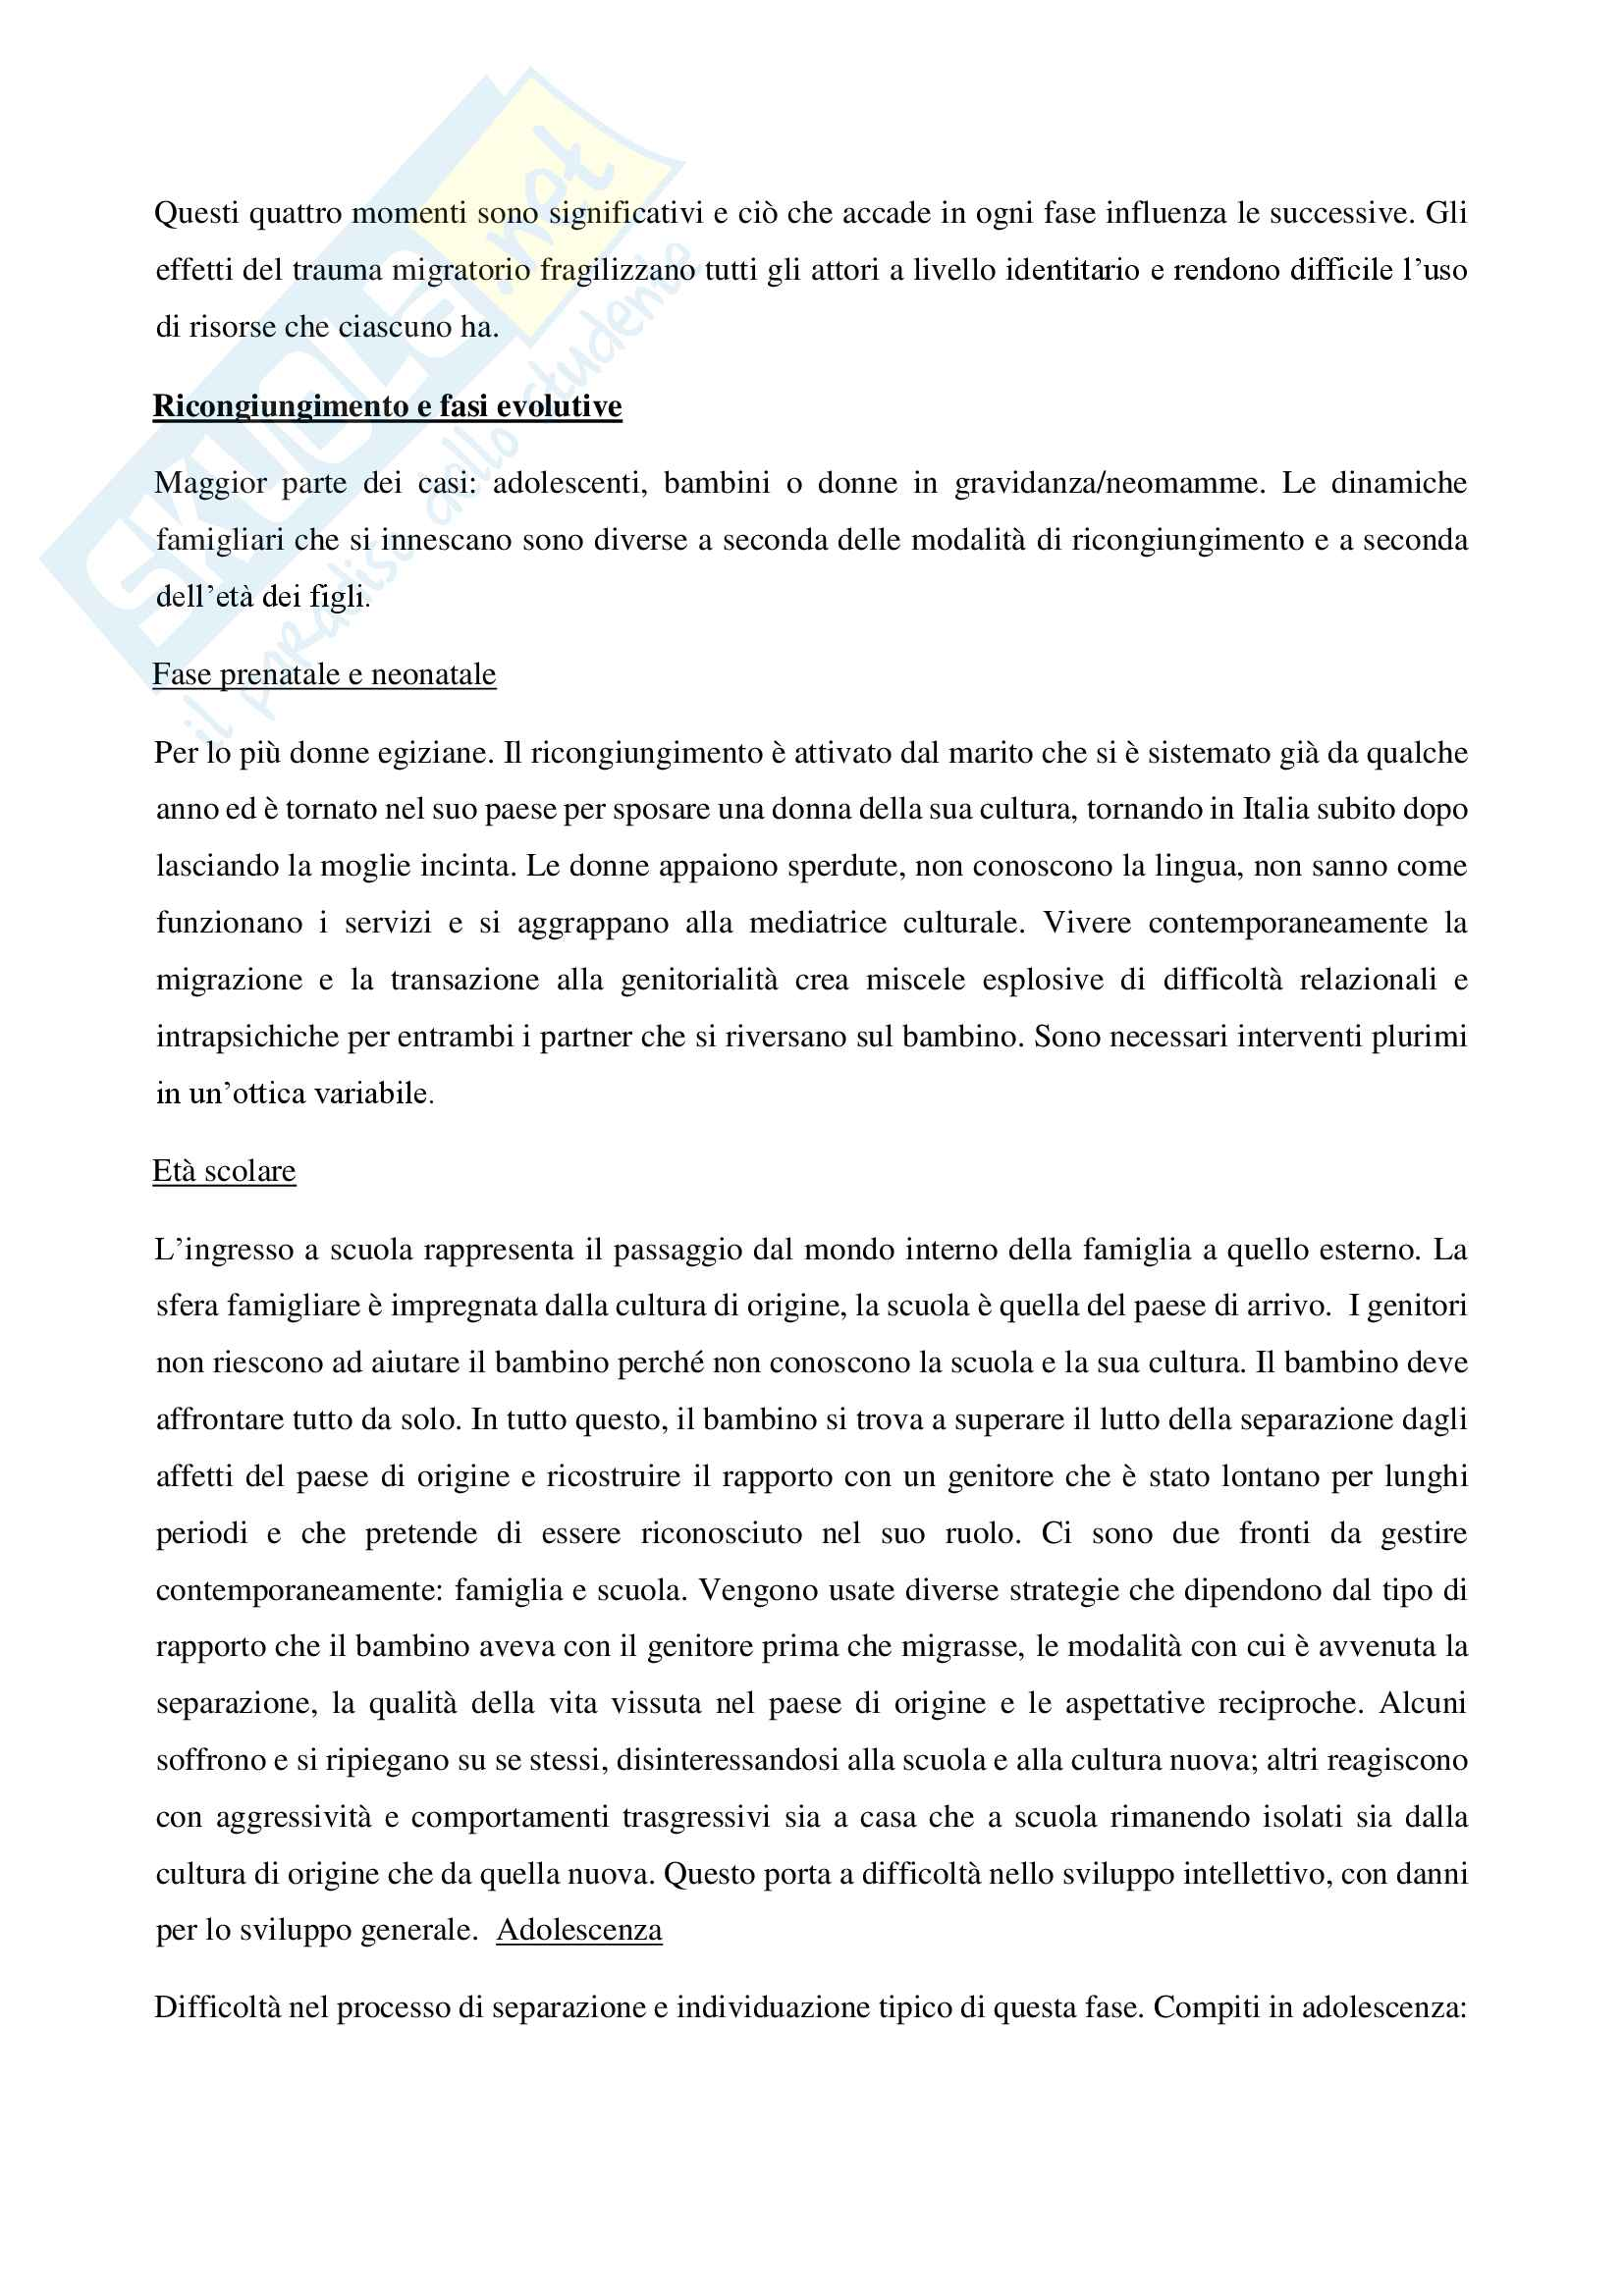 Riassunto esame Pedagogia generale e organizzazione scolastica, prof. Pastori, libro consigliato Terapia transculturale per famiglie migranti, Cattaneo Pag. 11